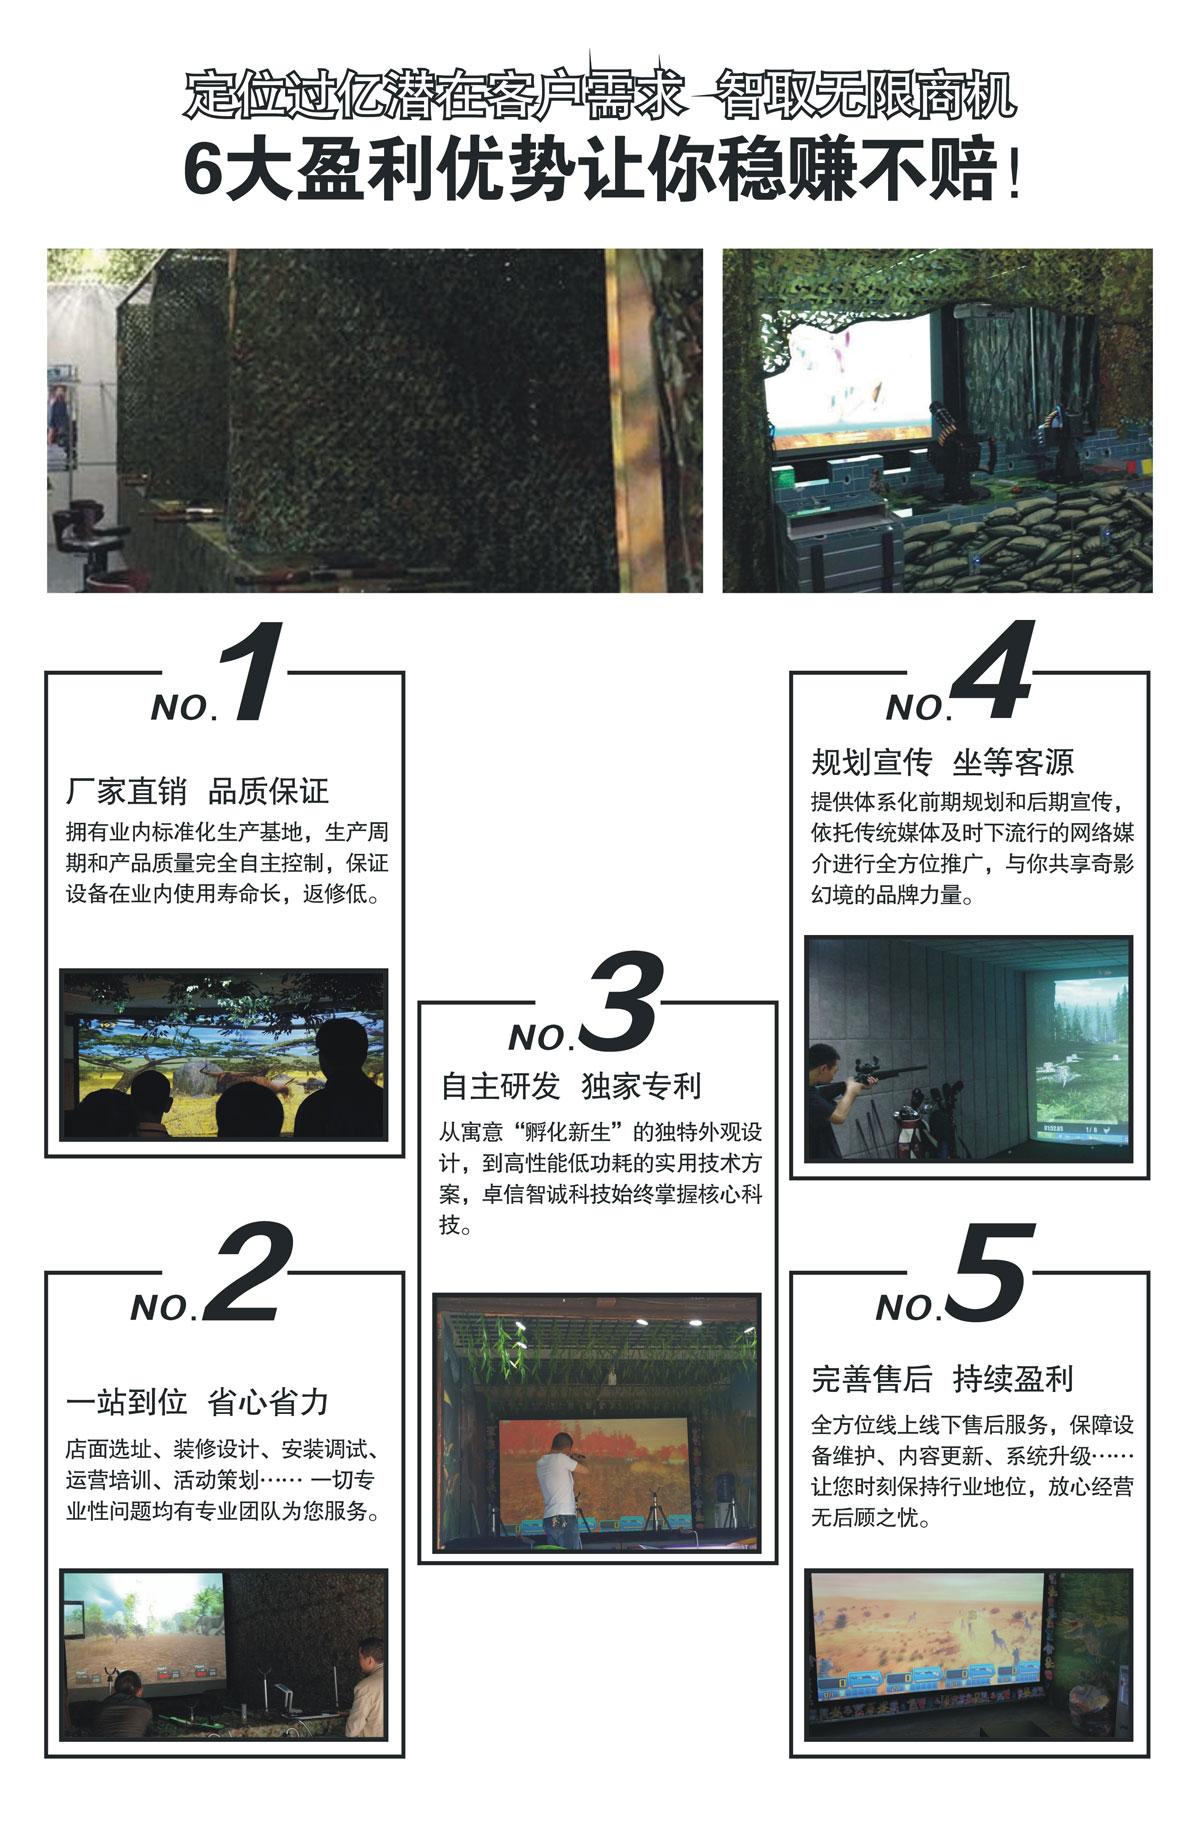 安全体验VR实感射击6大盈利优势.jpg